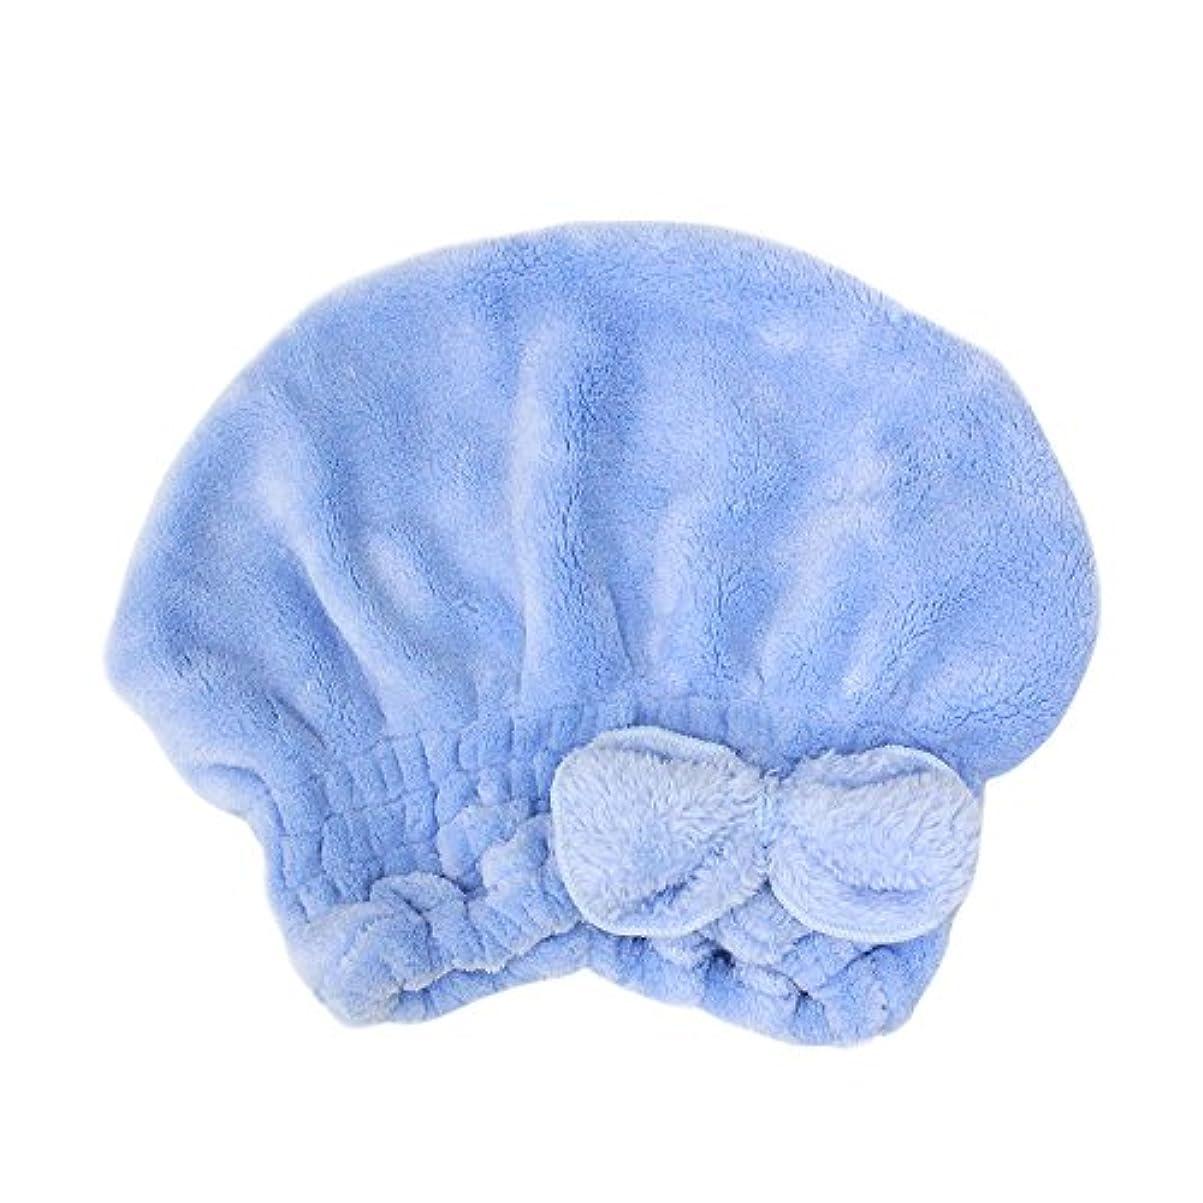 太平洋諸島なに加速するキャップ プール タオルキャップ タオル 帽子 吸水性抜群 プール お風呂 ドライキャップ 風呂上りシャワー 速乾 時短ドライ ヘアキャップ スイミング キッズ 子ども 女の子 大人女子 6color (ブルー)